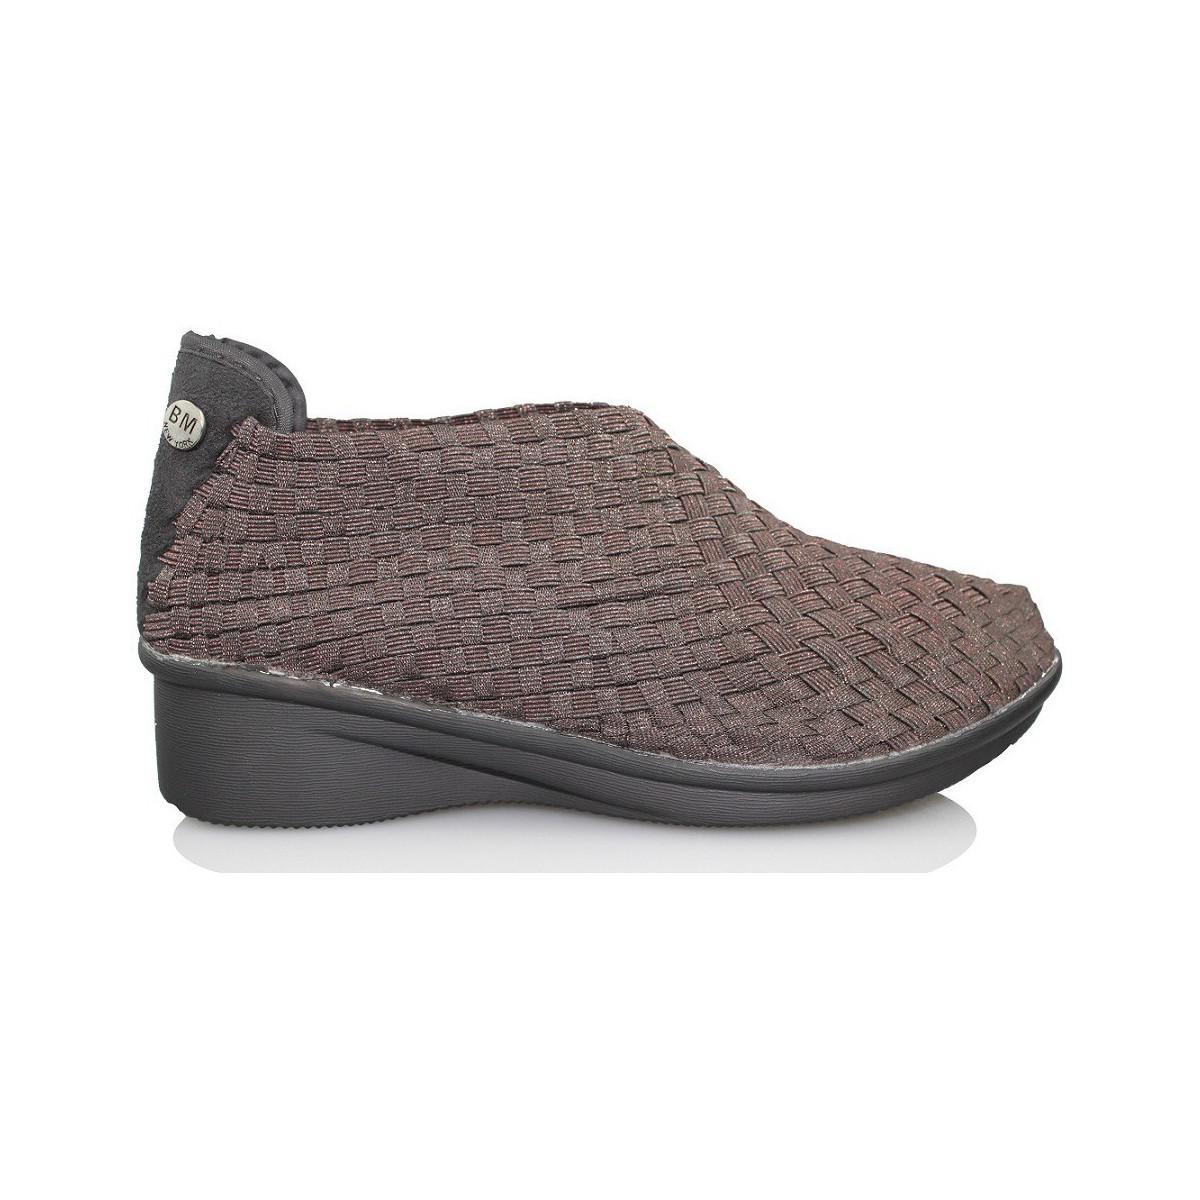 Bernie Mev GEM YAEL METALLIC W women's Shoes (Pumps / Ballerinas) in Hot Sale Cheap Online Clearance Cheap Online Pictures For Sale loBCIz5vR